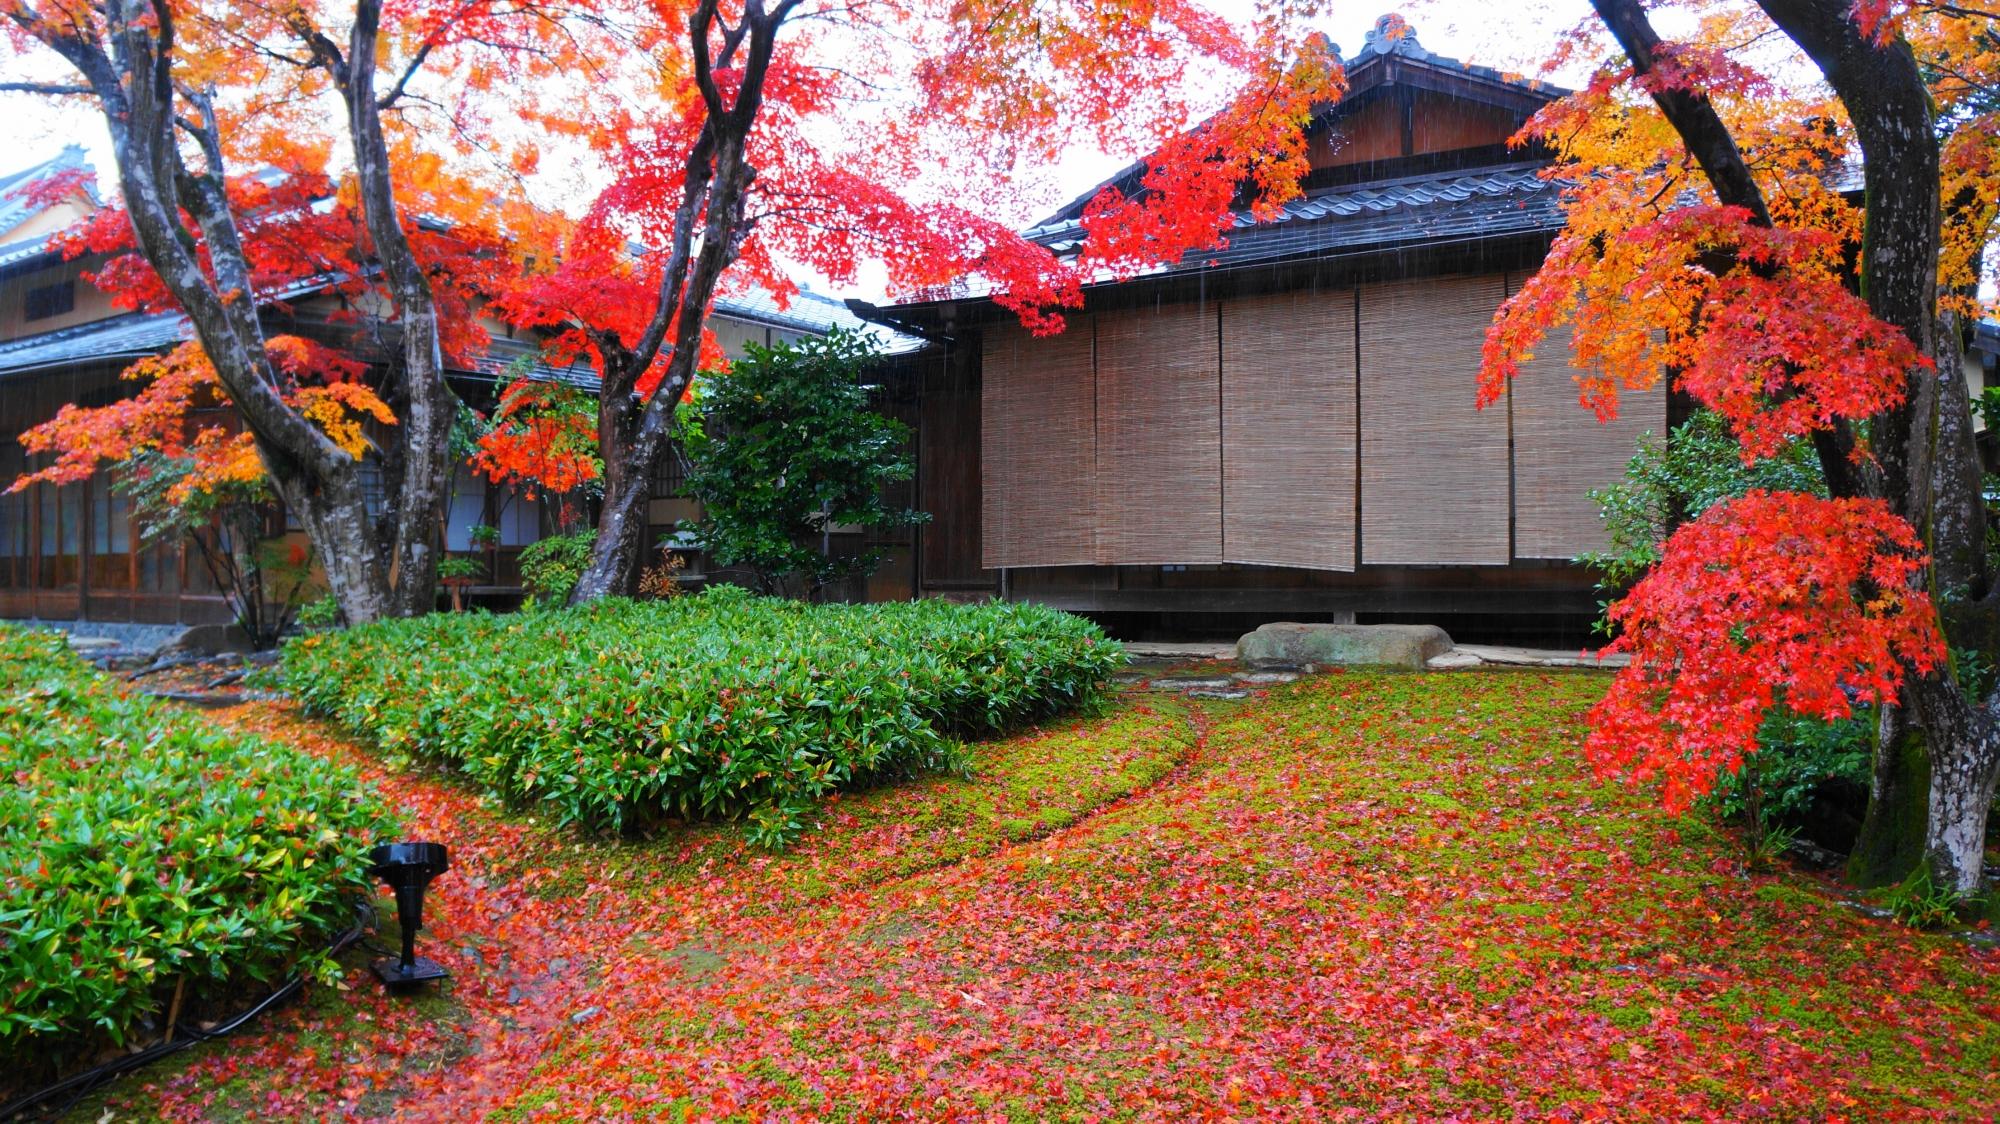 宝厳院の風情と美しさが融合した庭園